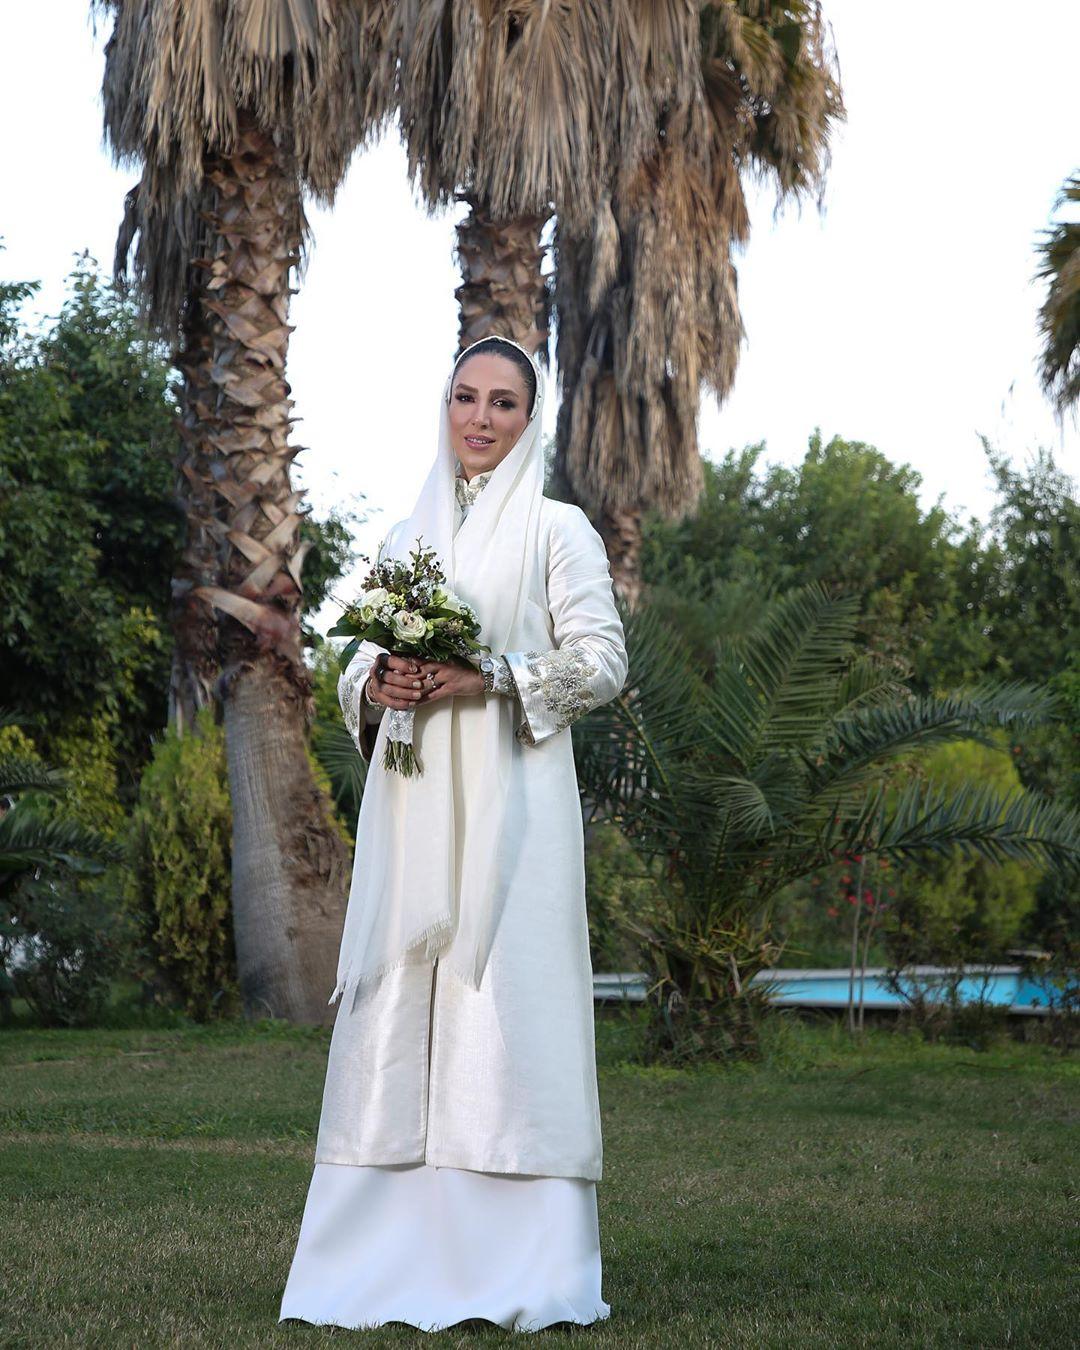 عکس های منتشر شده از مراسم ازدواج خانم بازیگر